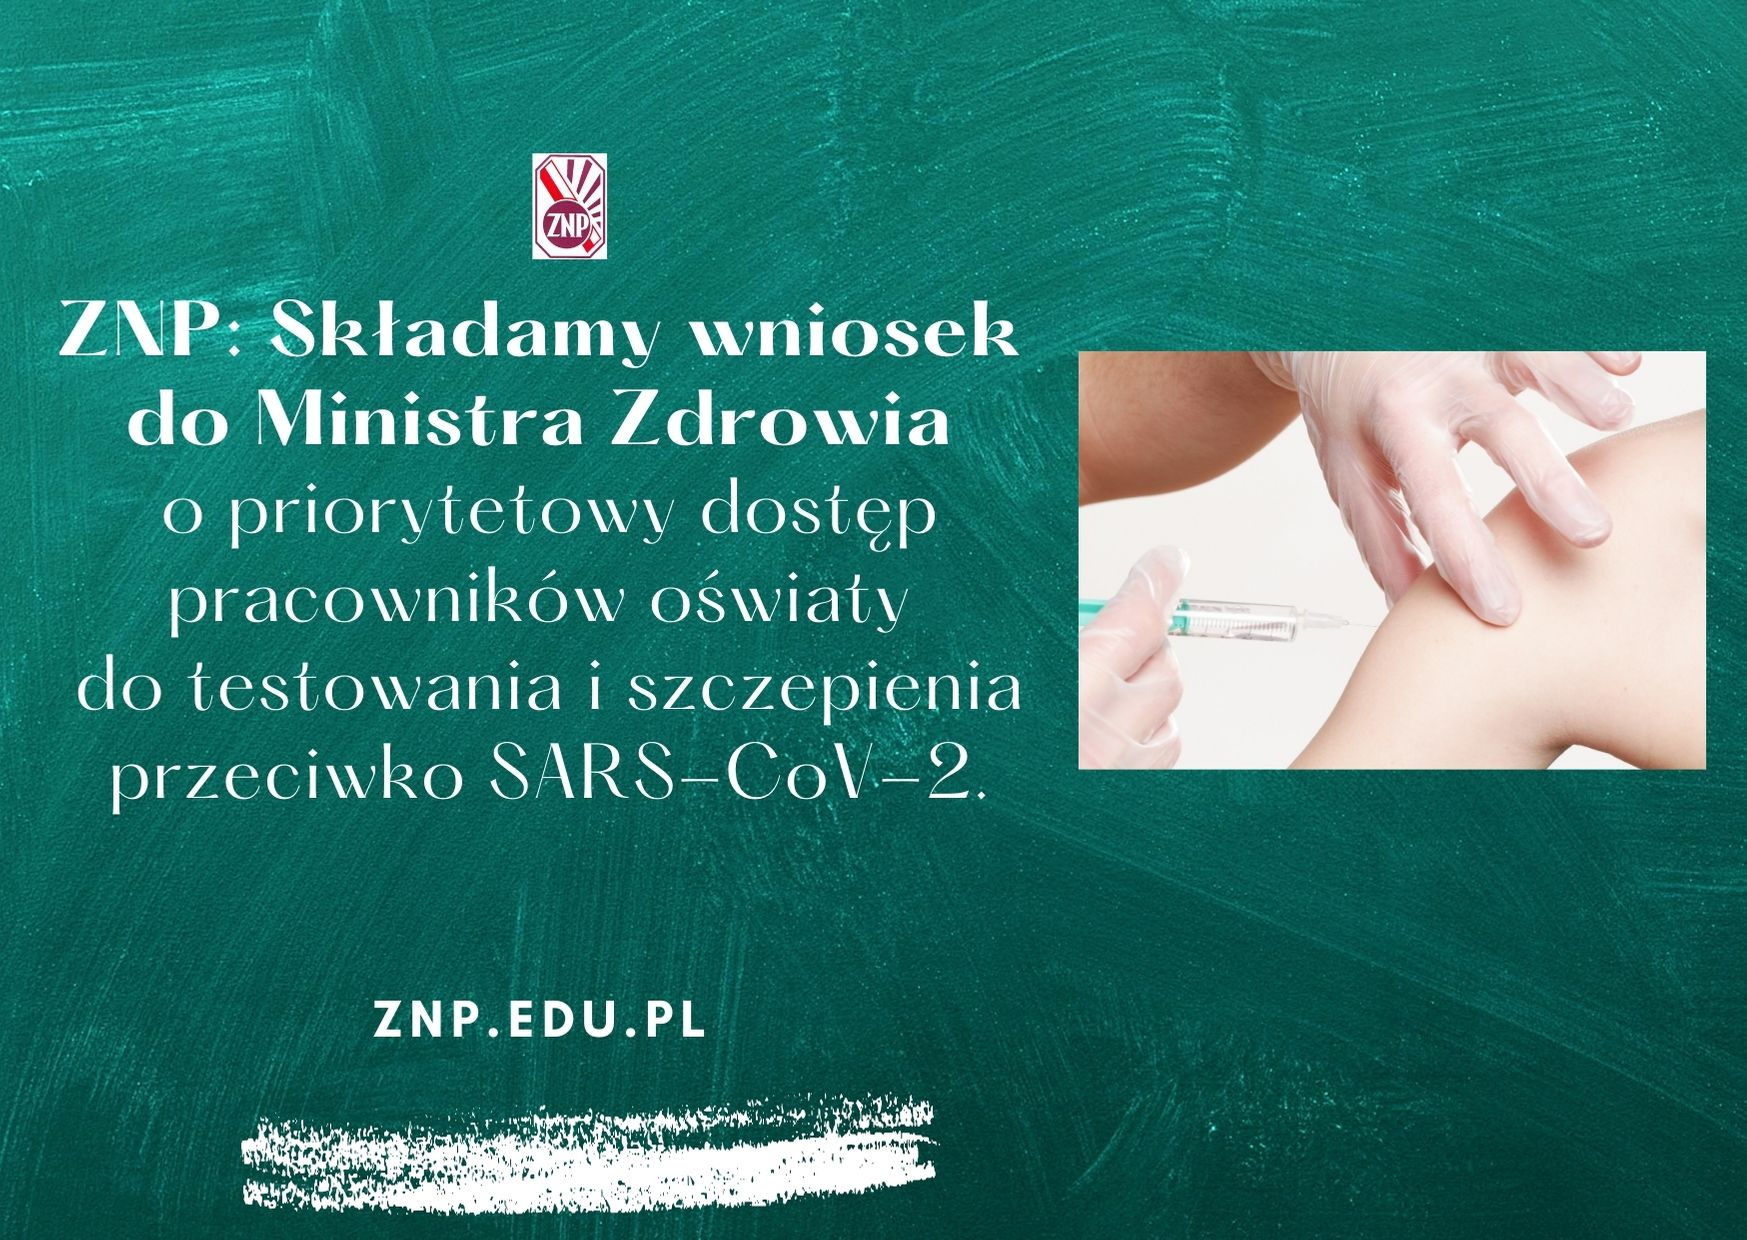 Wniosek ZNP do MZ o dostęp do testowania i szczepienia przeciwko SARS-CoV-2